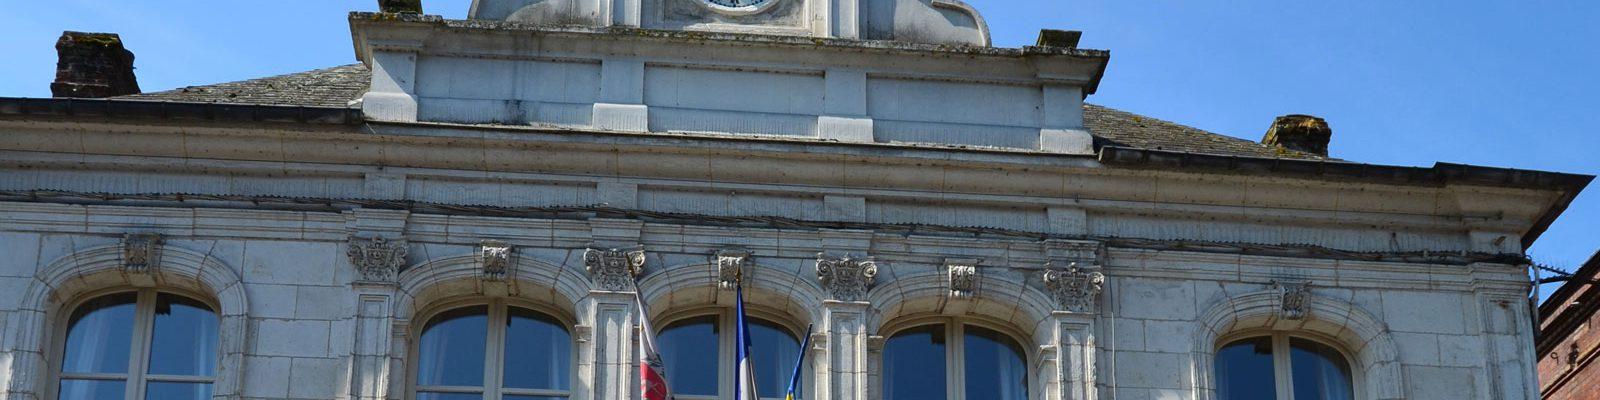 la mairie de cormeilles en auge